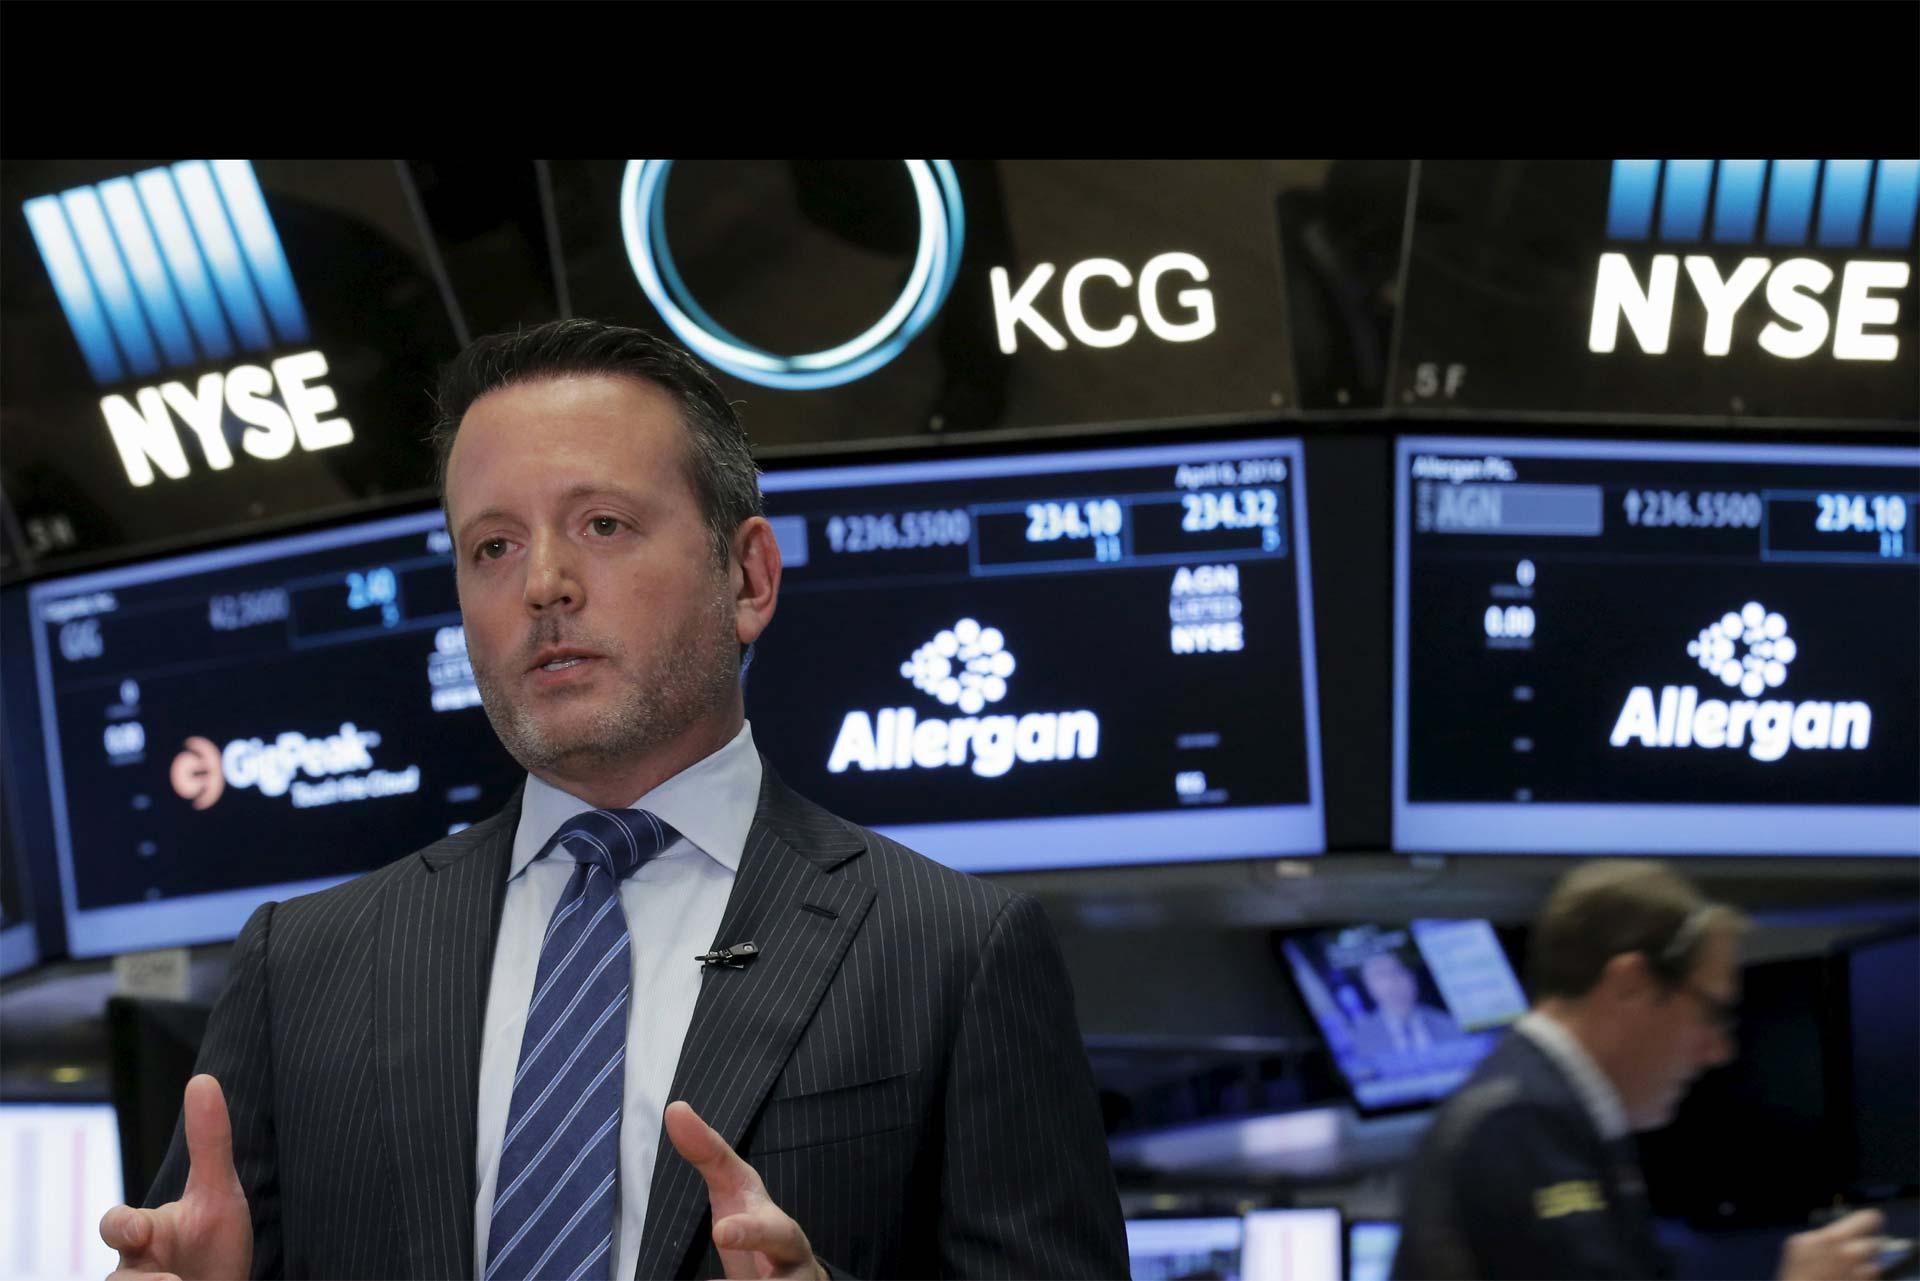 La fusión entre Pfizer y Allergan fue anulada gracias a la oposición del Gobierno de Estados Unidos